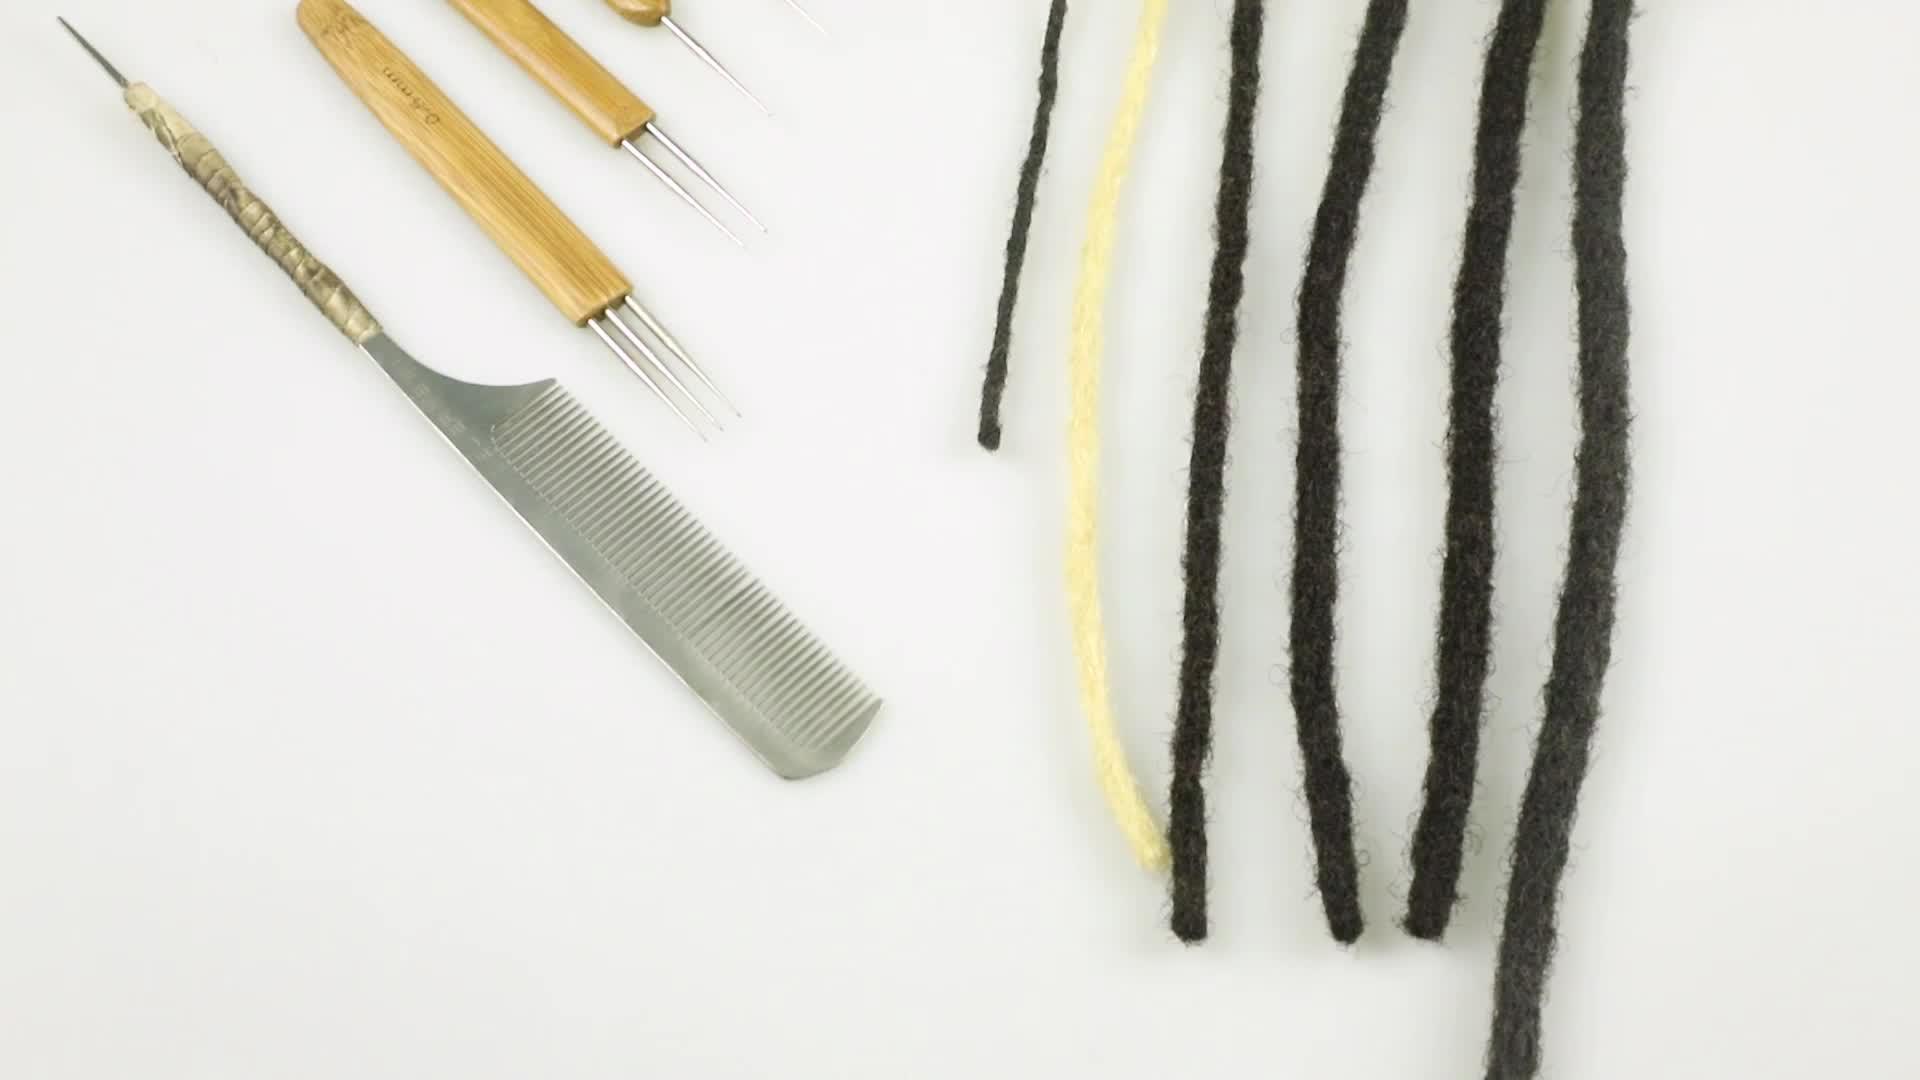 Hoho cheveux 8mm largeur black16 pouces crochet afro crépus cheveux humains